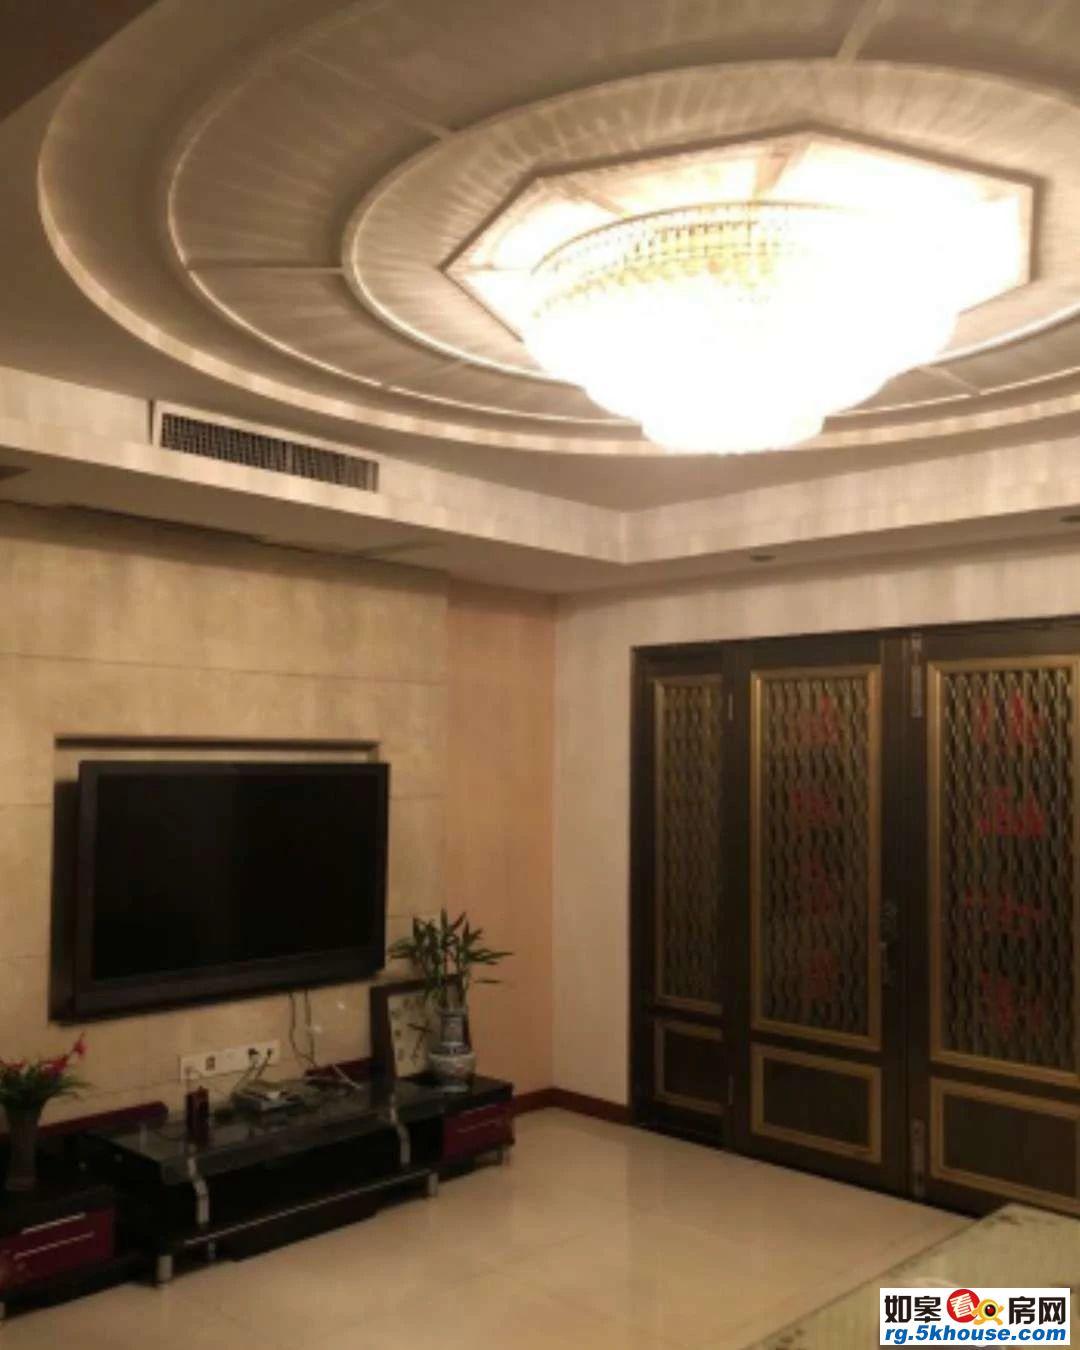 金鼎名城洋房共3层4室180平豪装小高层别墅户型老证180万